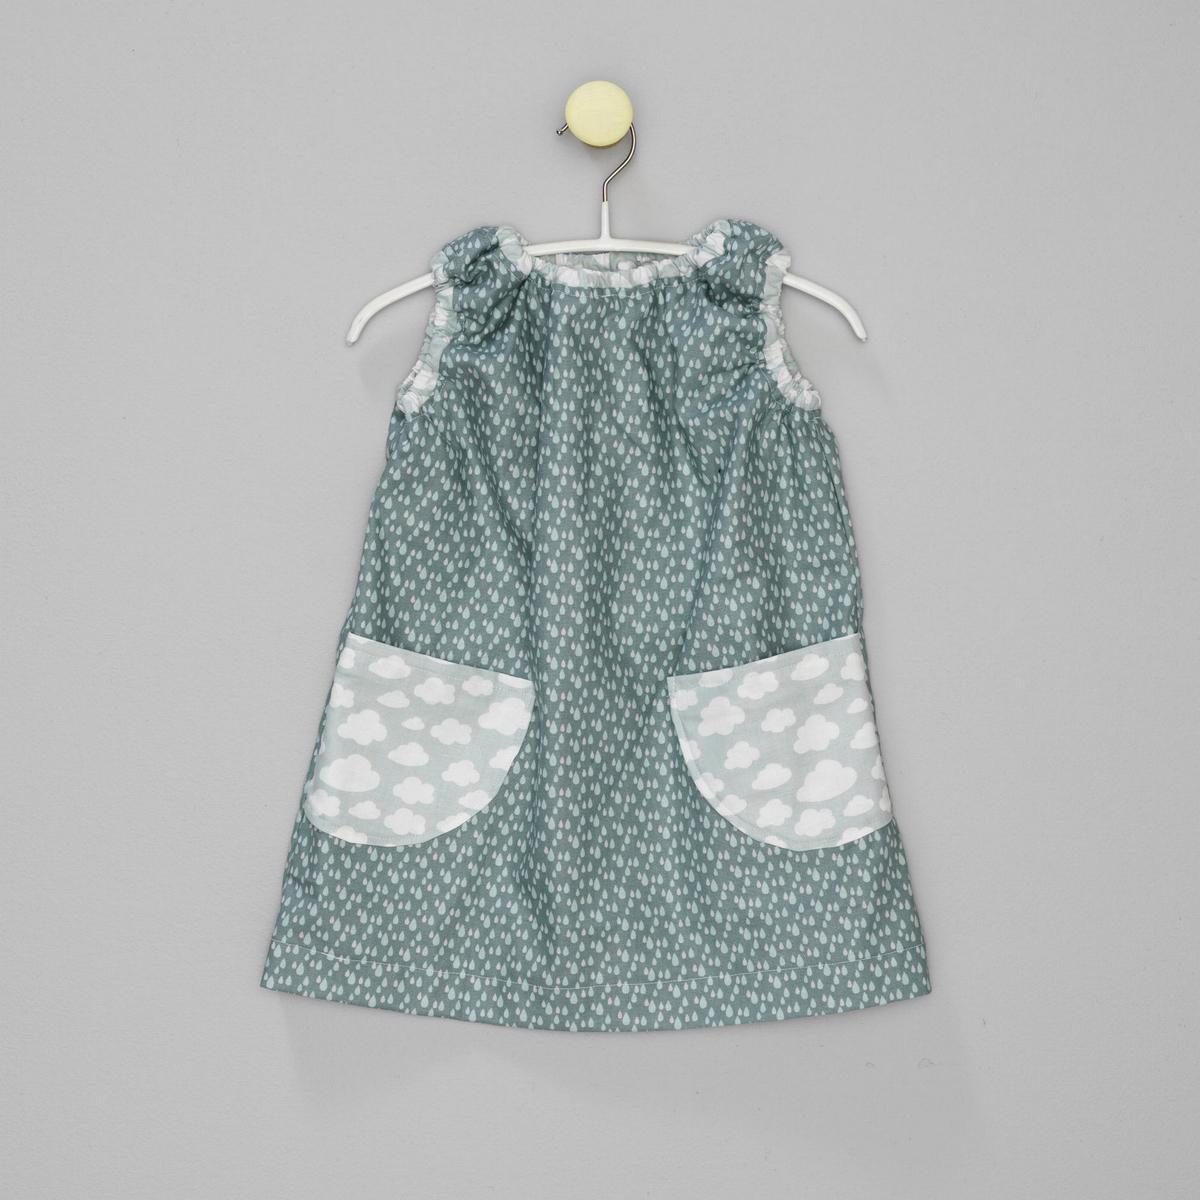 e841de8b Burda kjole 1-3 år